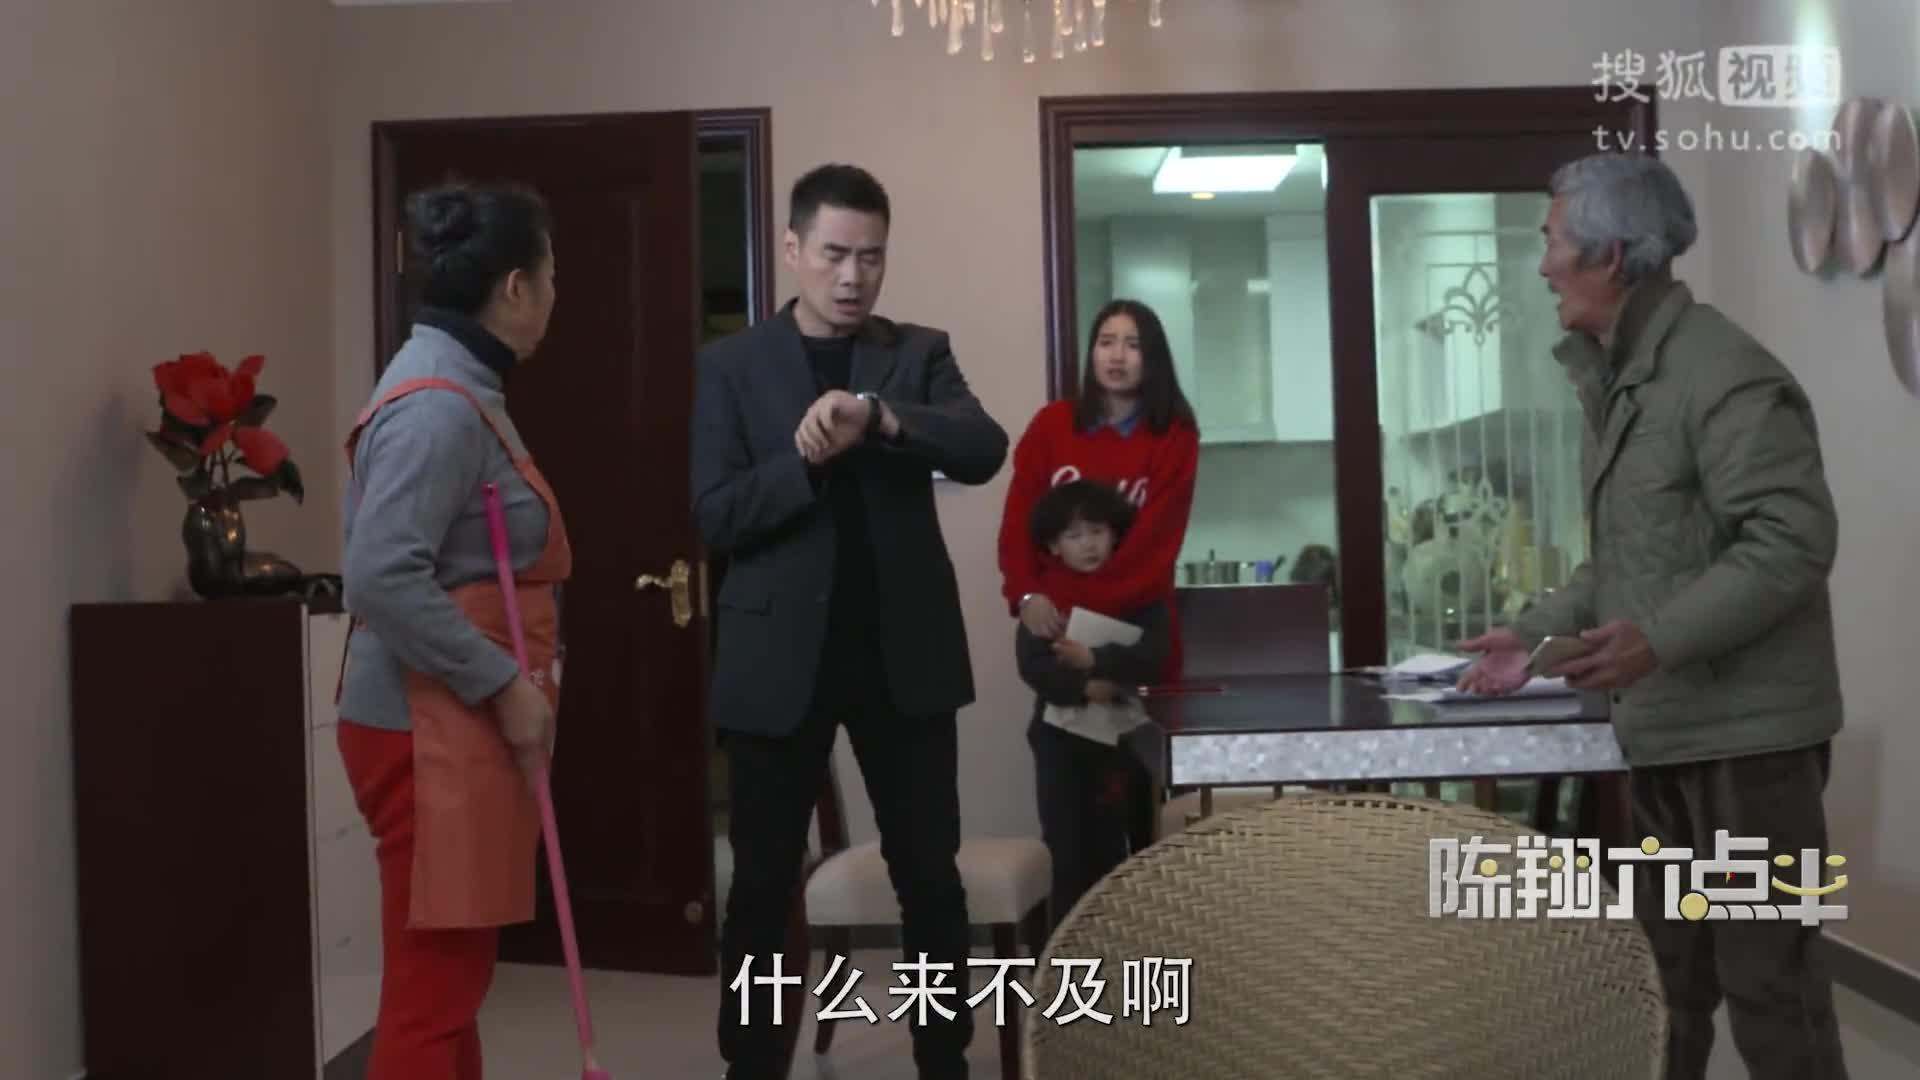 《陈翔六点半》第93集 卑鄙婚外情不敌纯情奇葩恋!